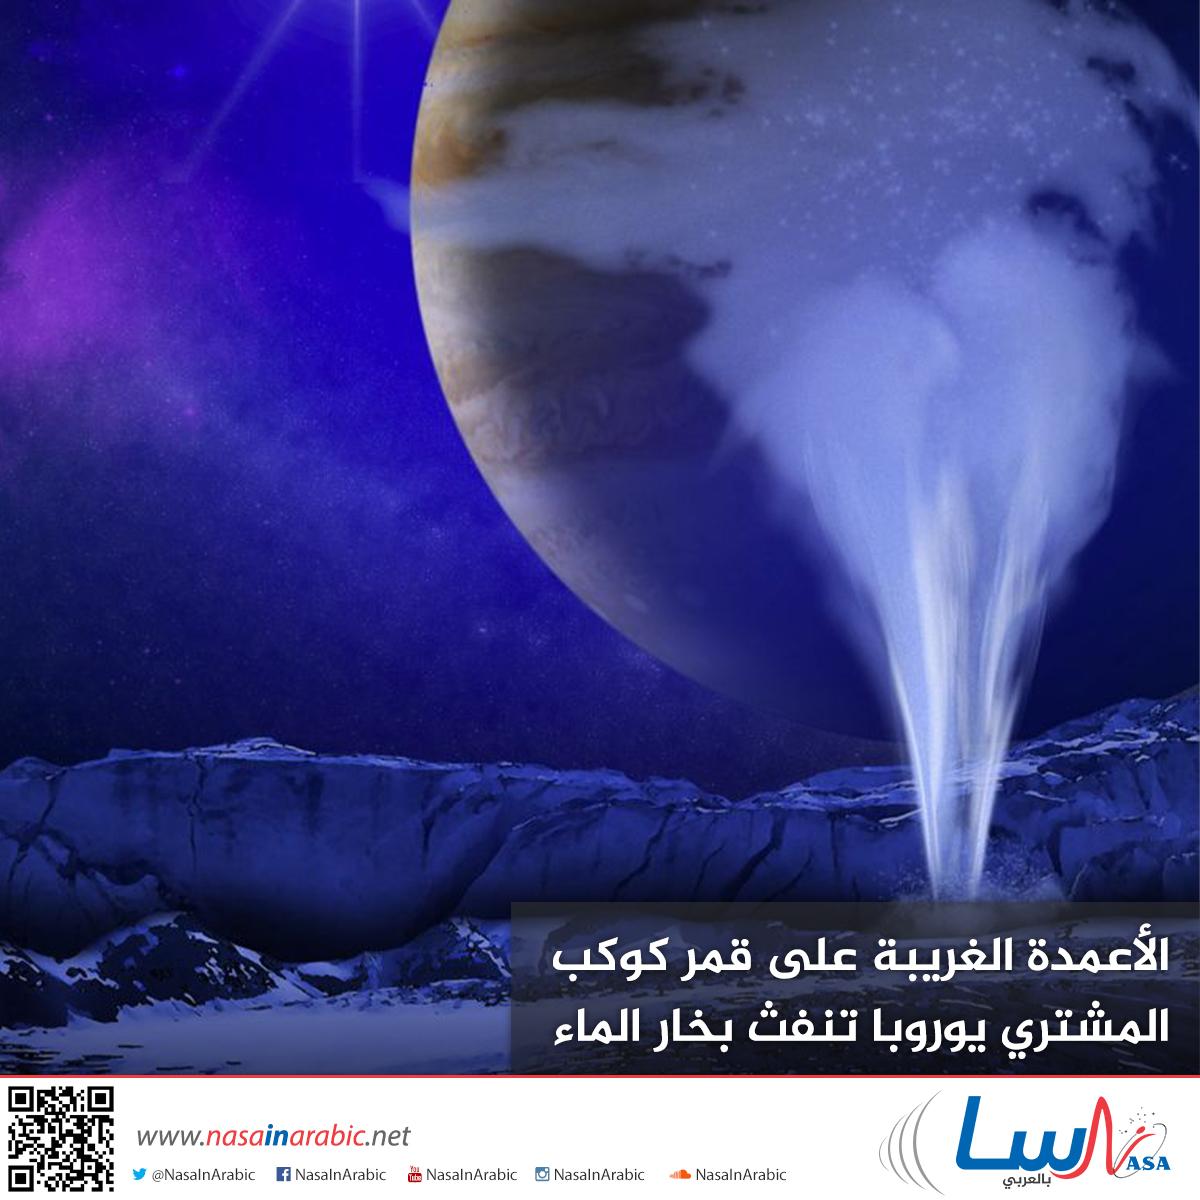 الأعمدة الغريبة على قمر كوكب المشتري يوروبا تنفث بخار الماء